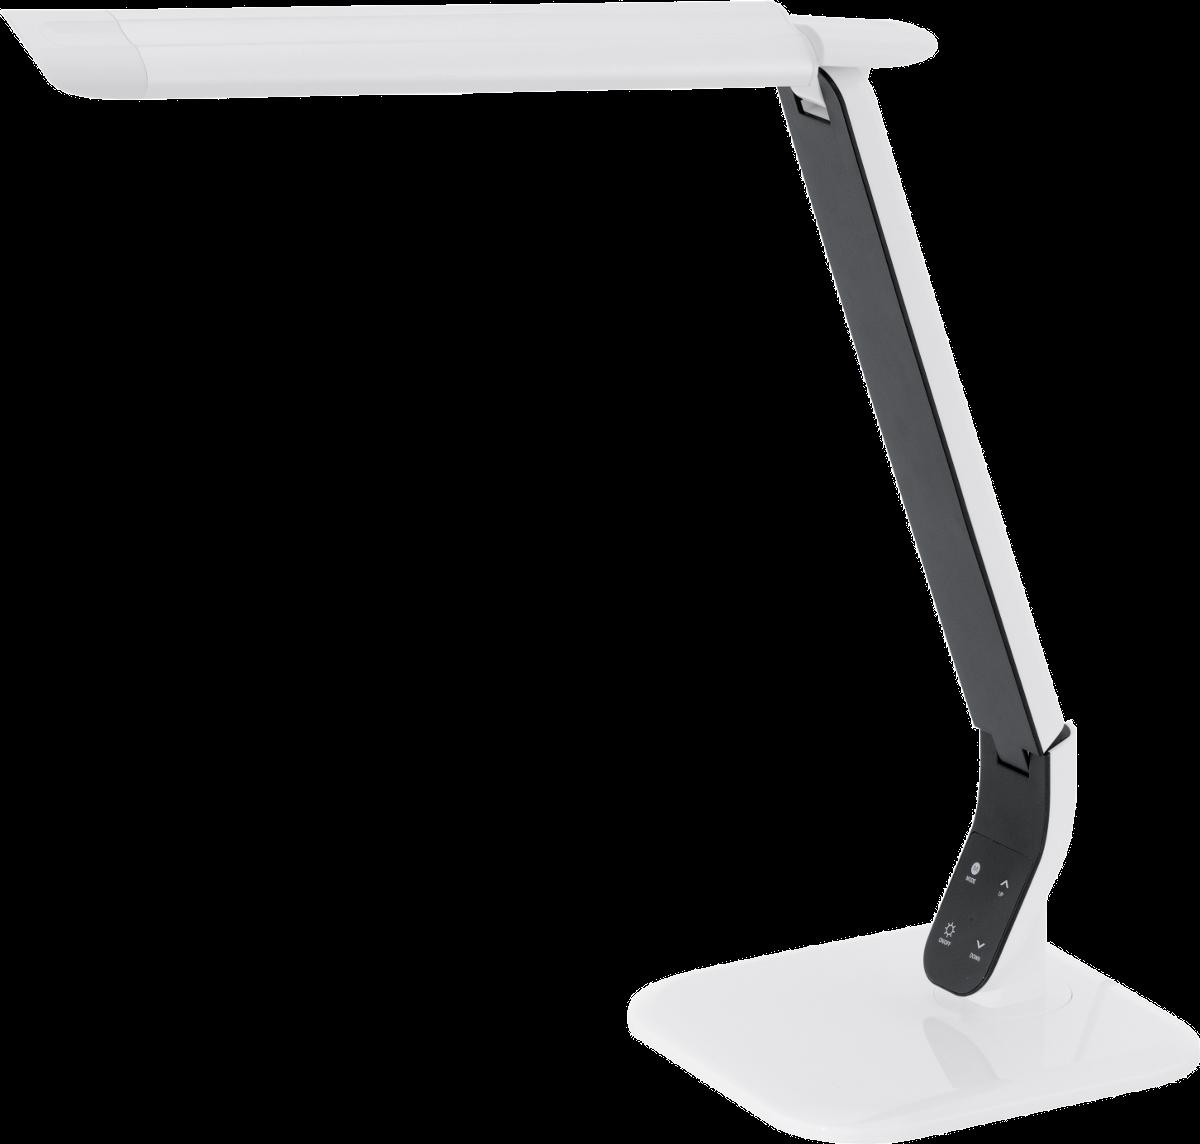 eglo sellano 93901 g nstig kaufen tischleuchten media markt online shop. Black Bedroom Furniture Sets. Home Design Ideas